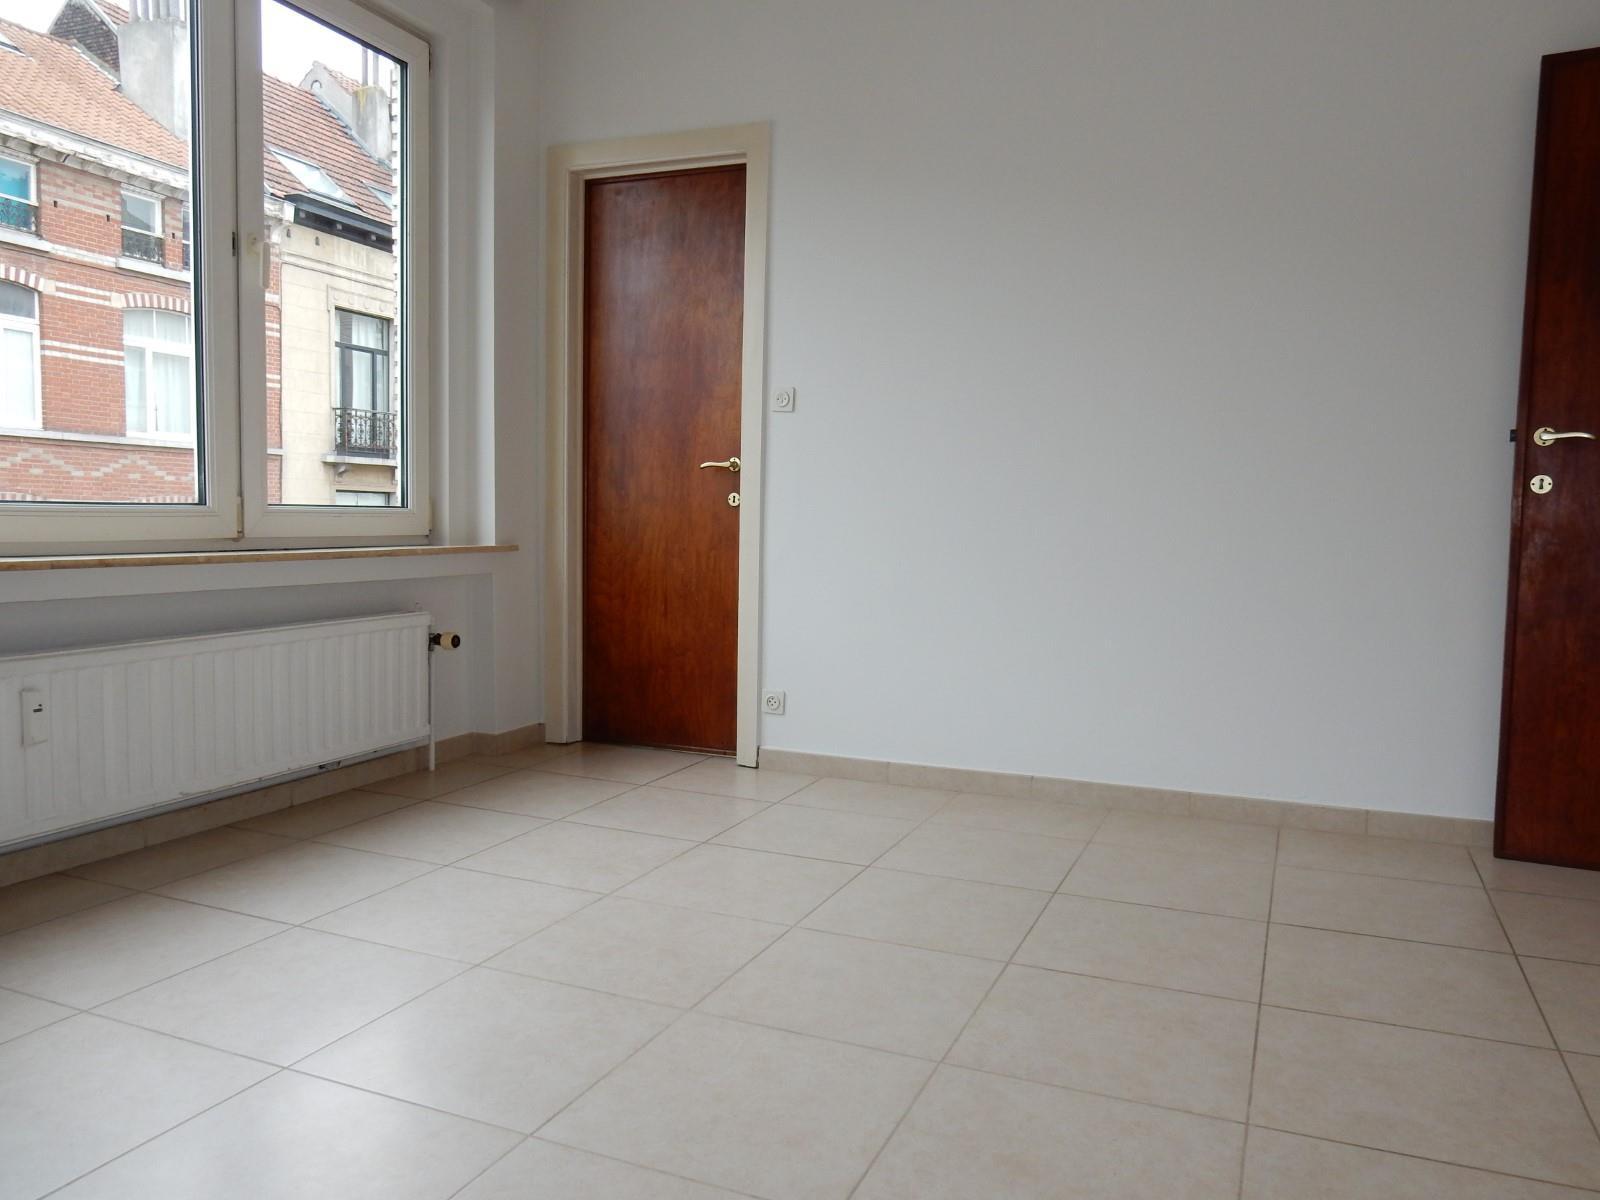 Appartement - Ixelles - #3639360-2